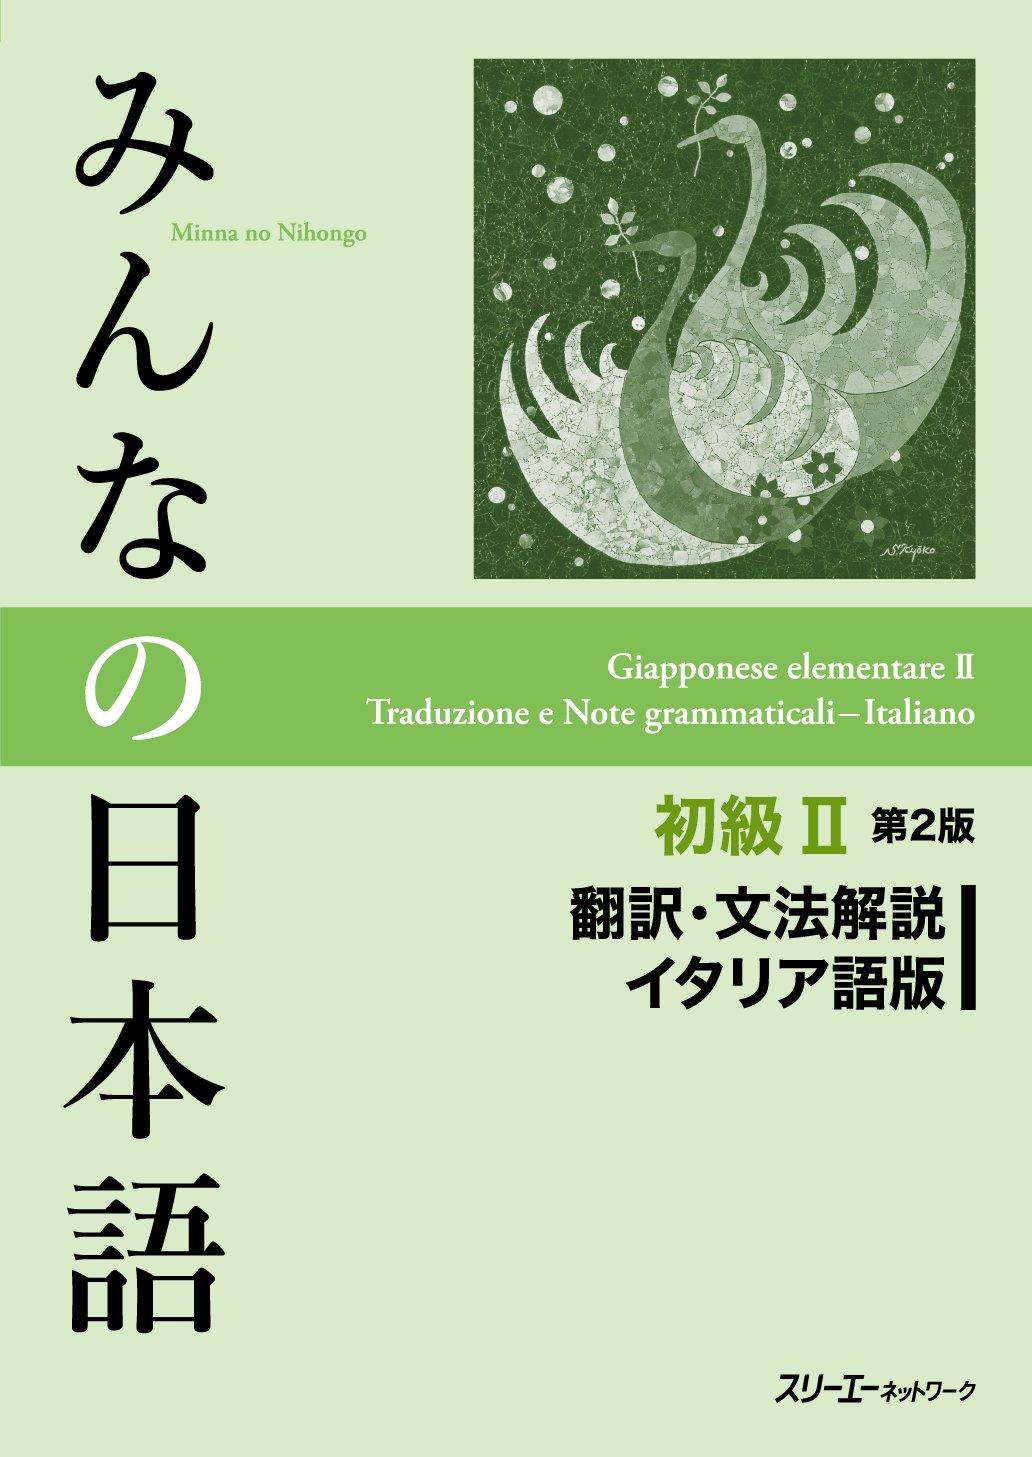 Amazon.it: Minna no Nihongo Shokyu II Traduzione e Note grammaticali -  Italiano - Tsuruo Yoshiko - Libri